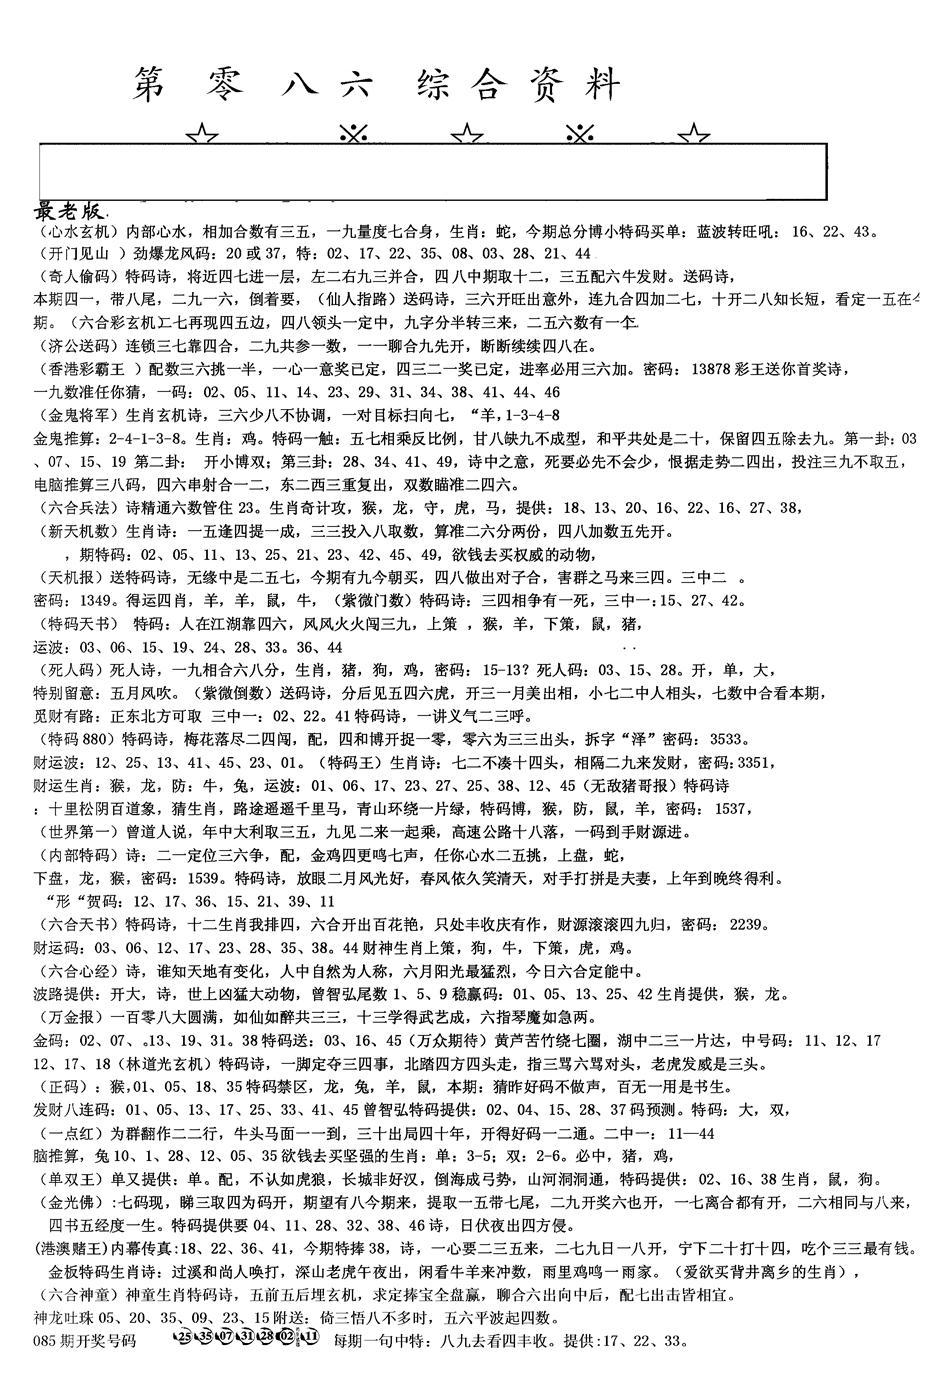 086期另版综合资料A(早图)(黑白)